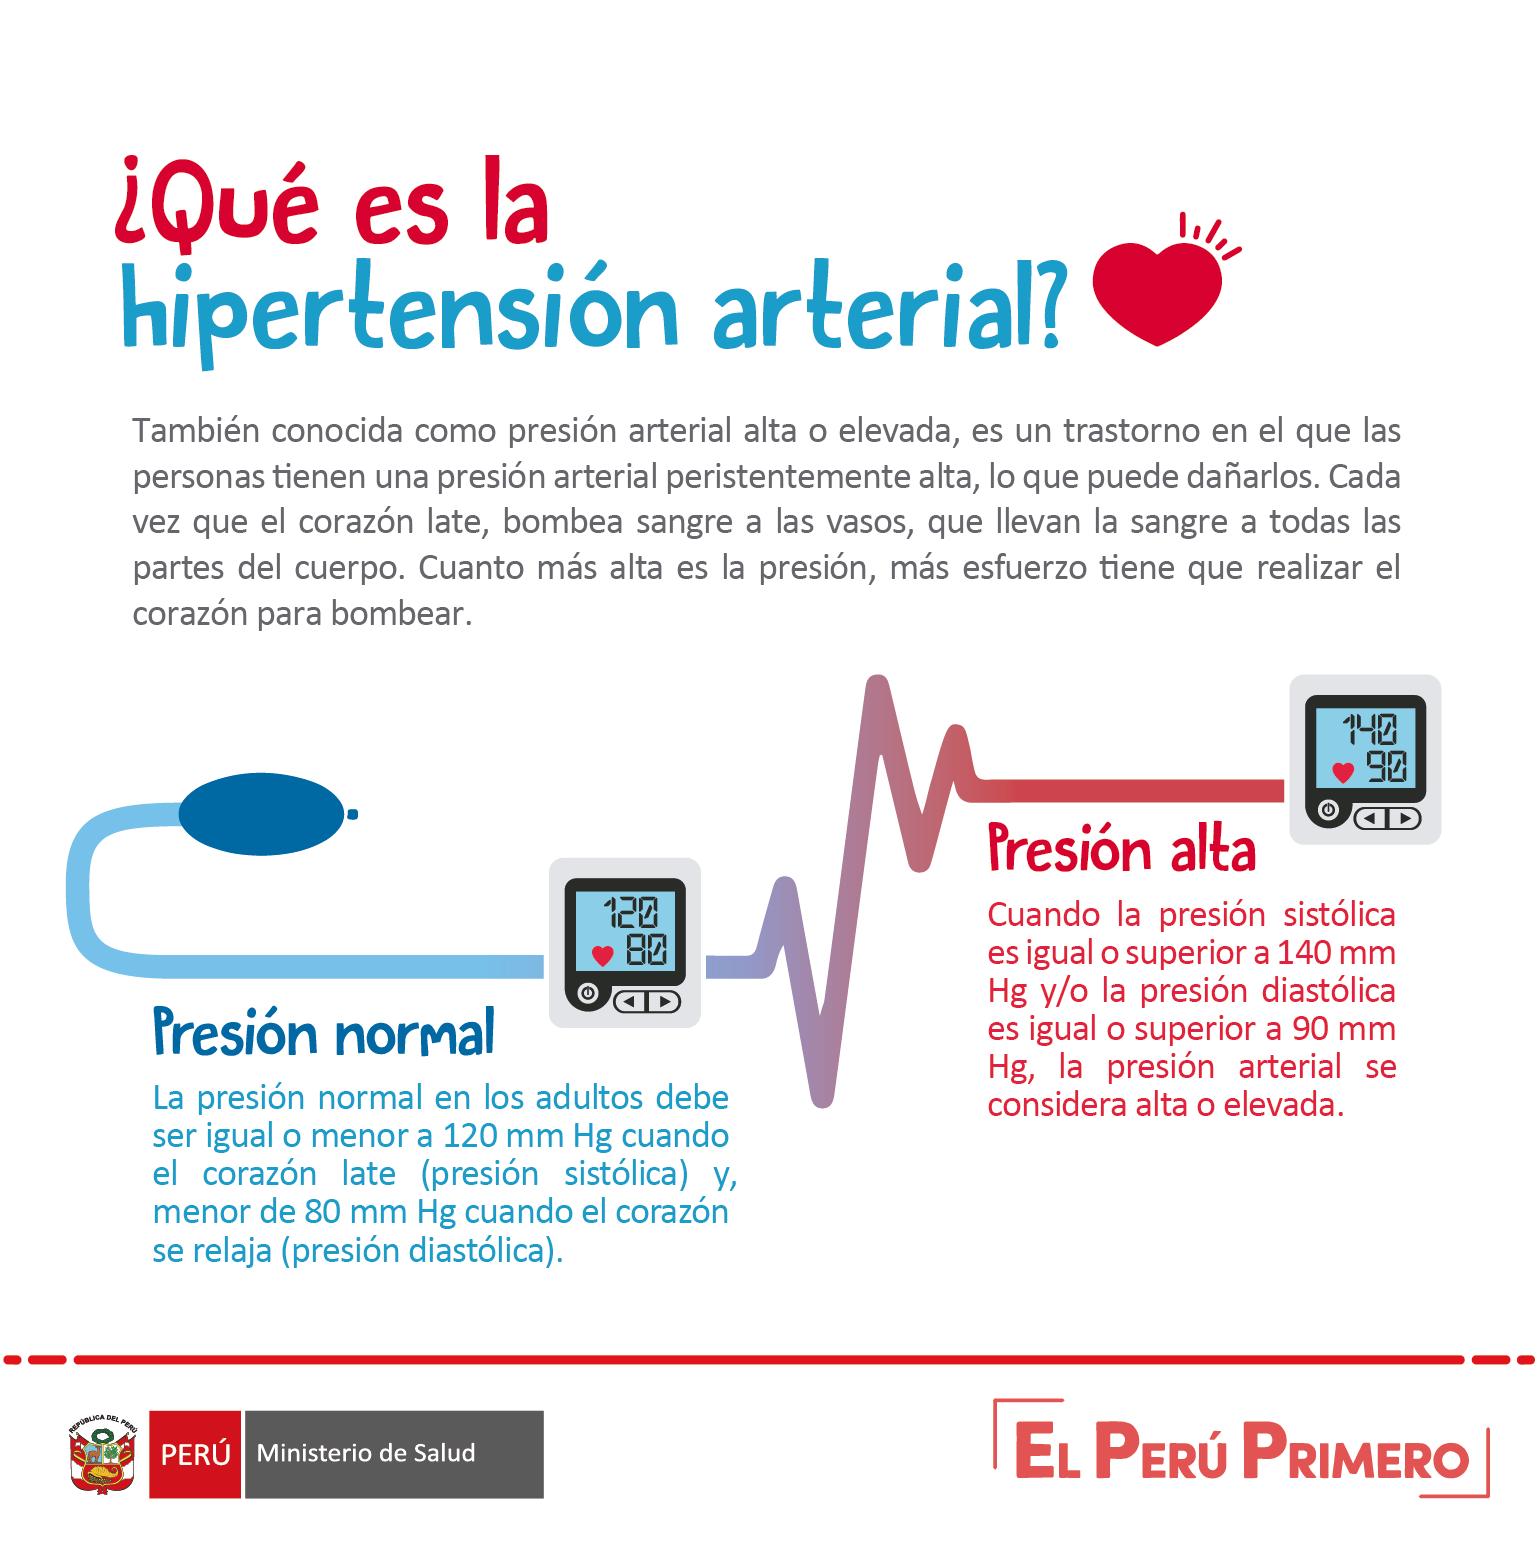 Prueba de que Hipertensión realmente funciona